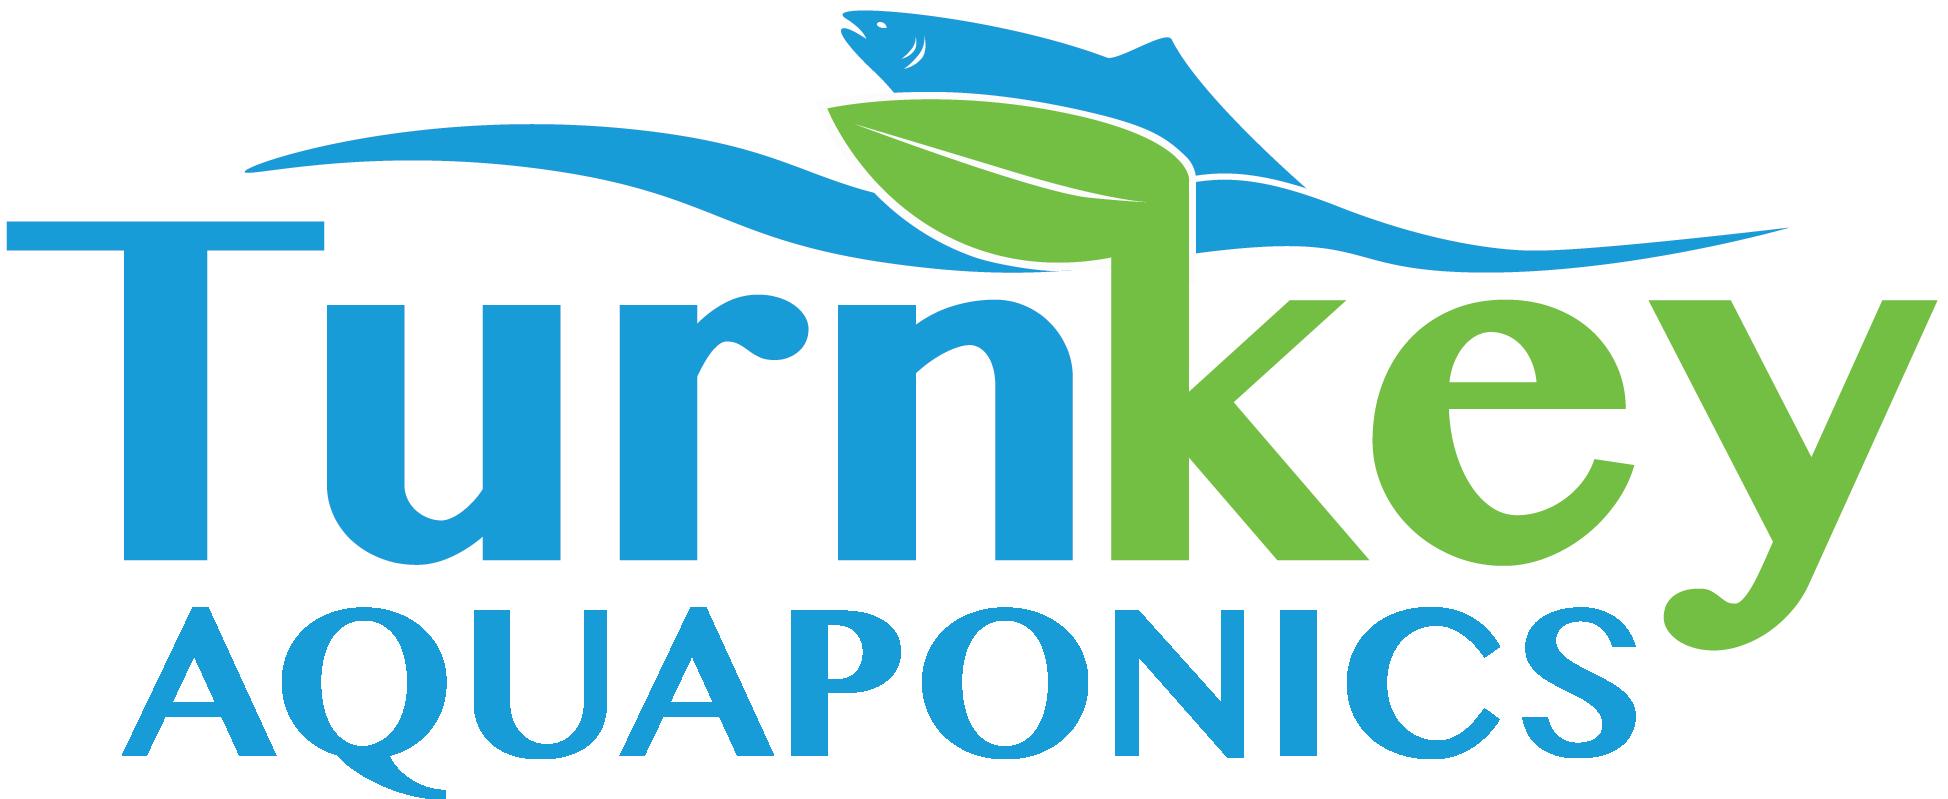 Turnkey Logo Jun12.png